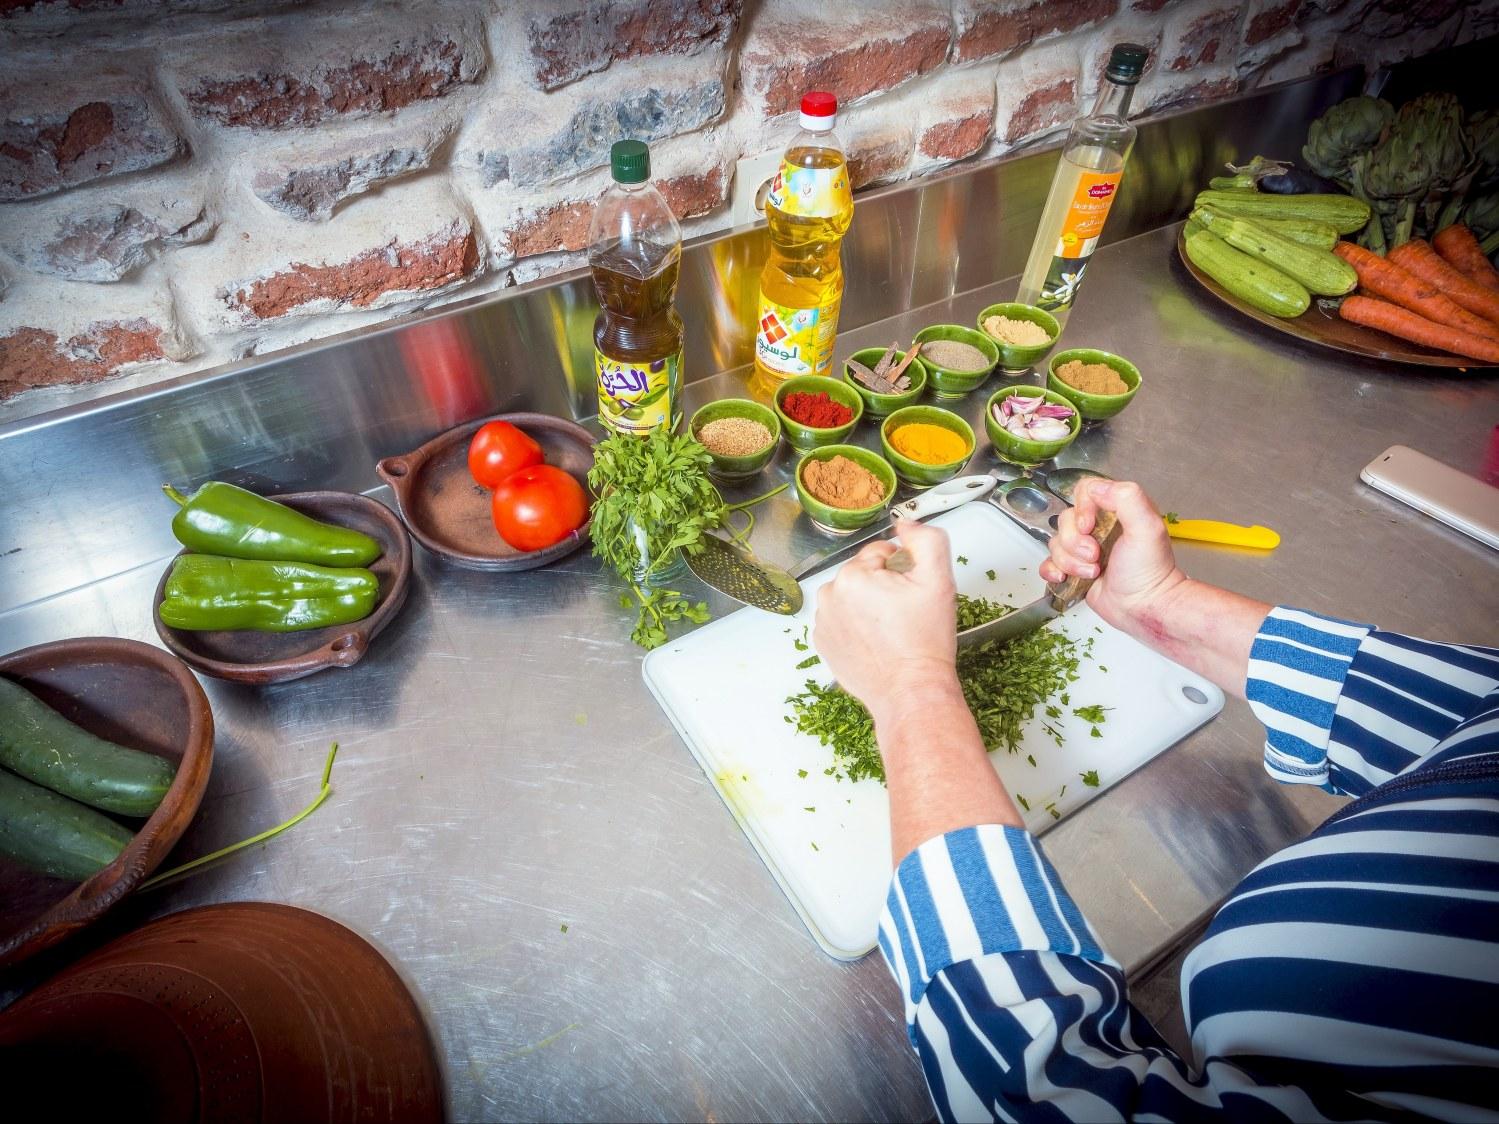 restaurant-marocain-marrakech-cours-cuisine-preparation-legume